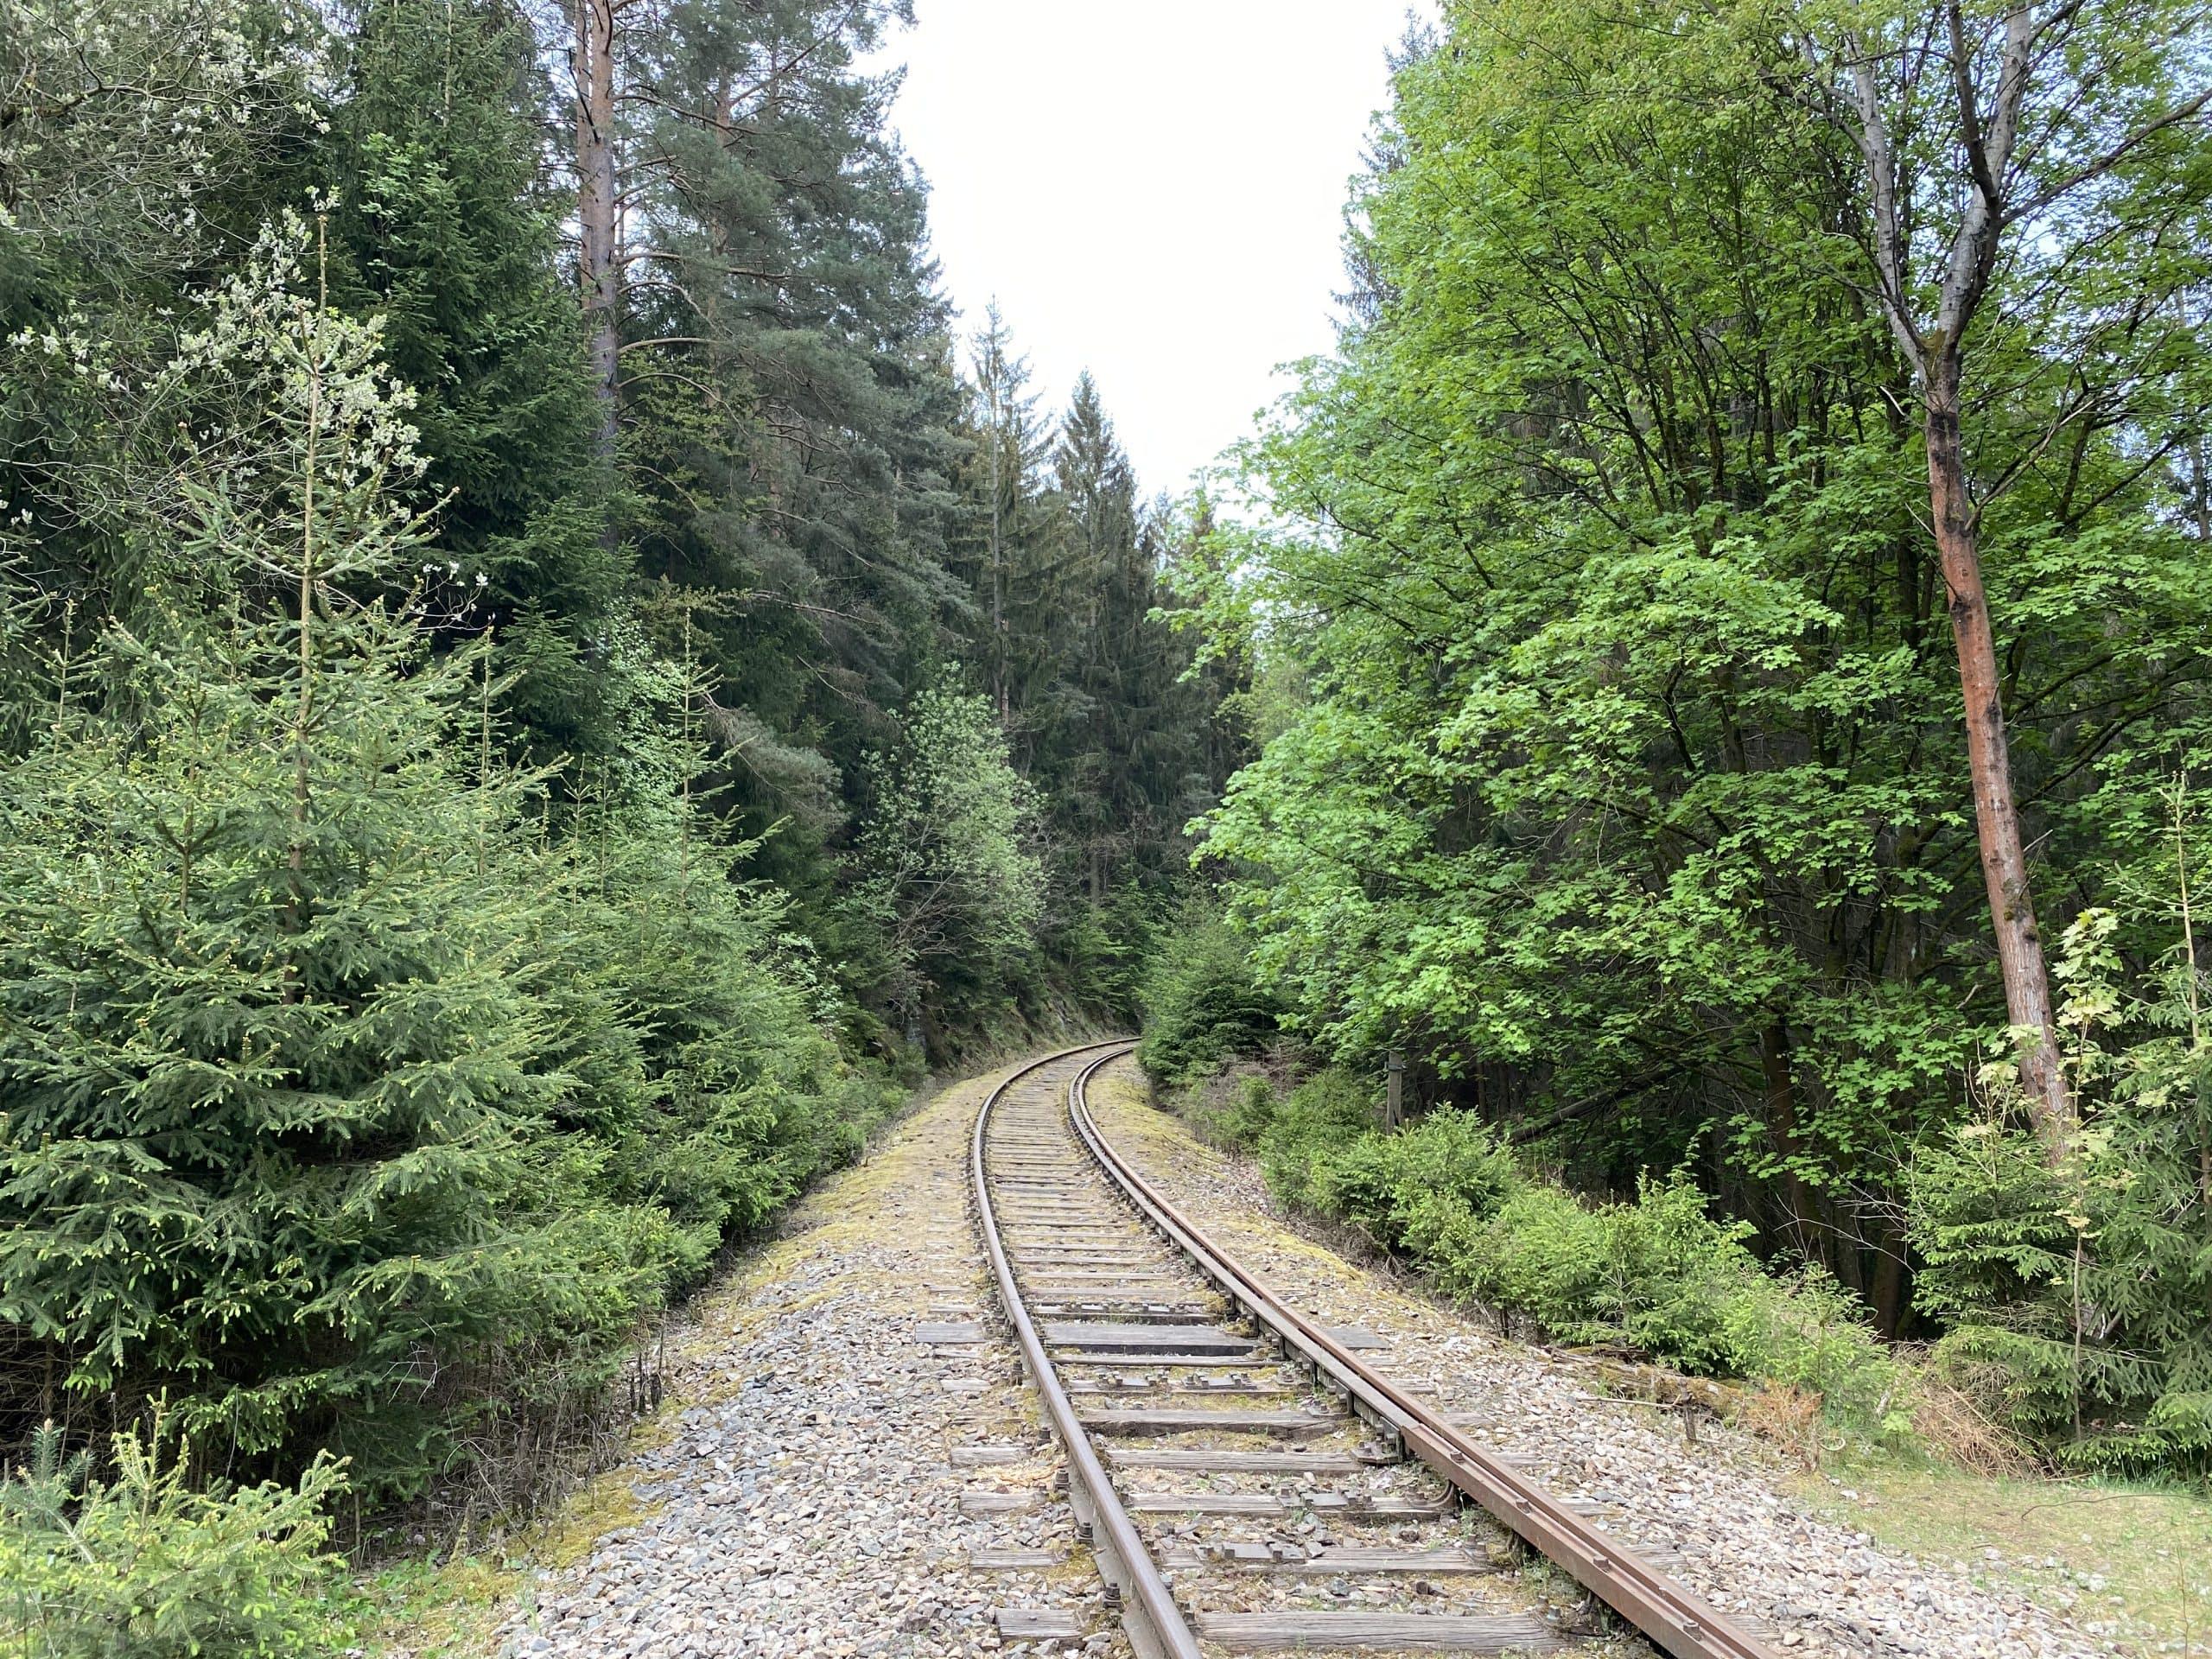 ©Foto: Jan Krehl | railmen | Gleise im Wald von Ziemestal